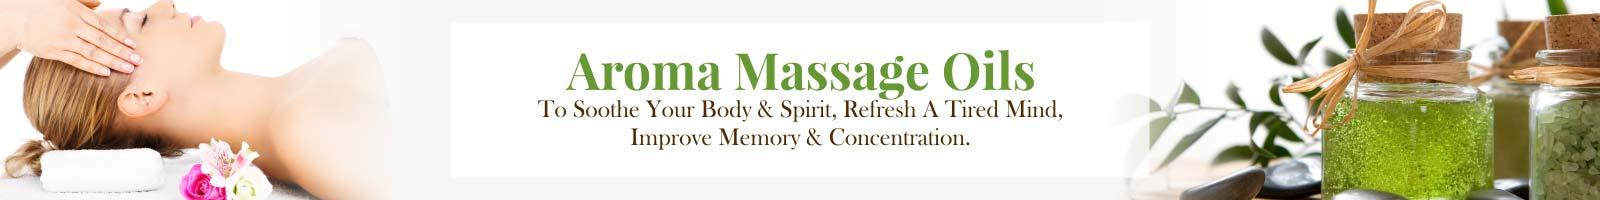 Aroma Massage Oils